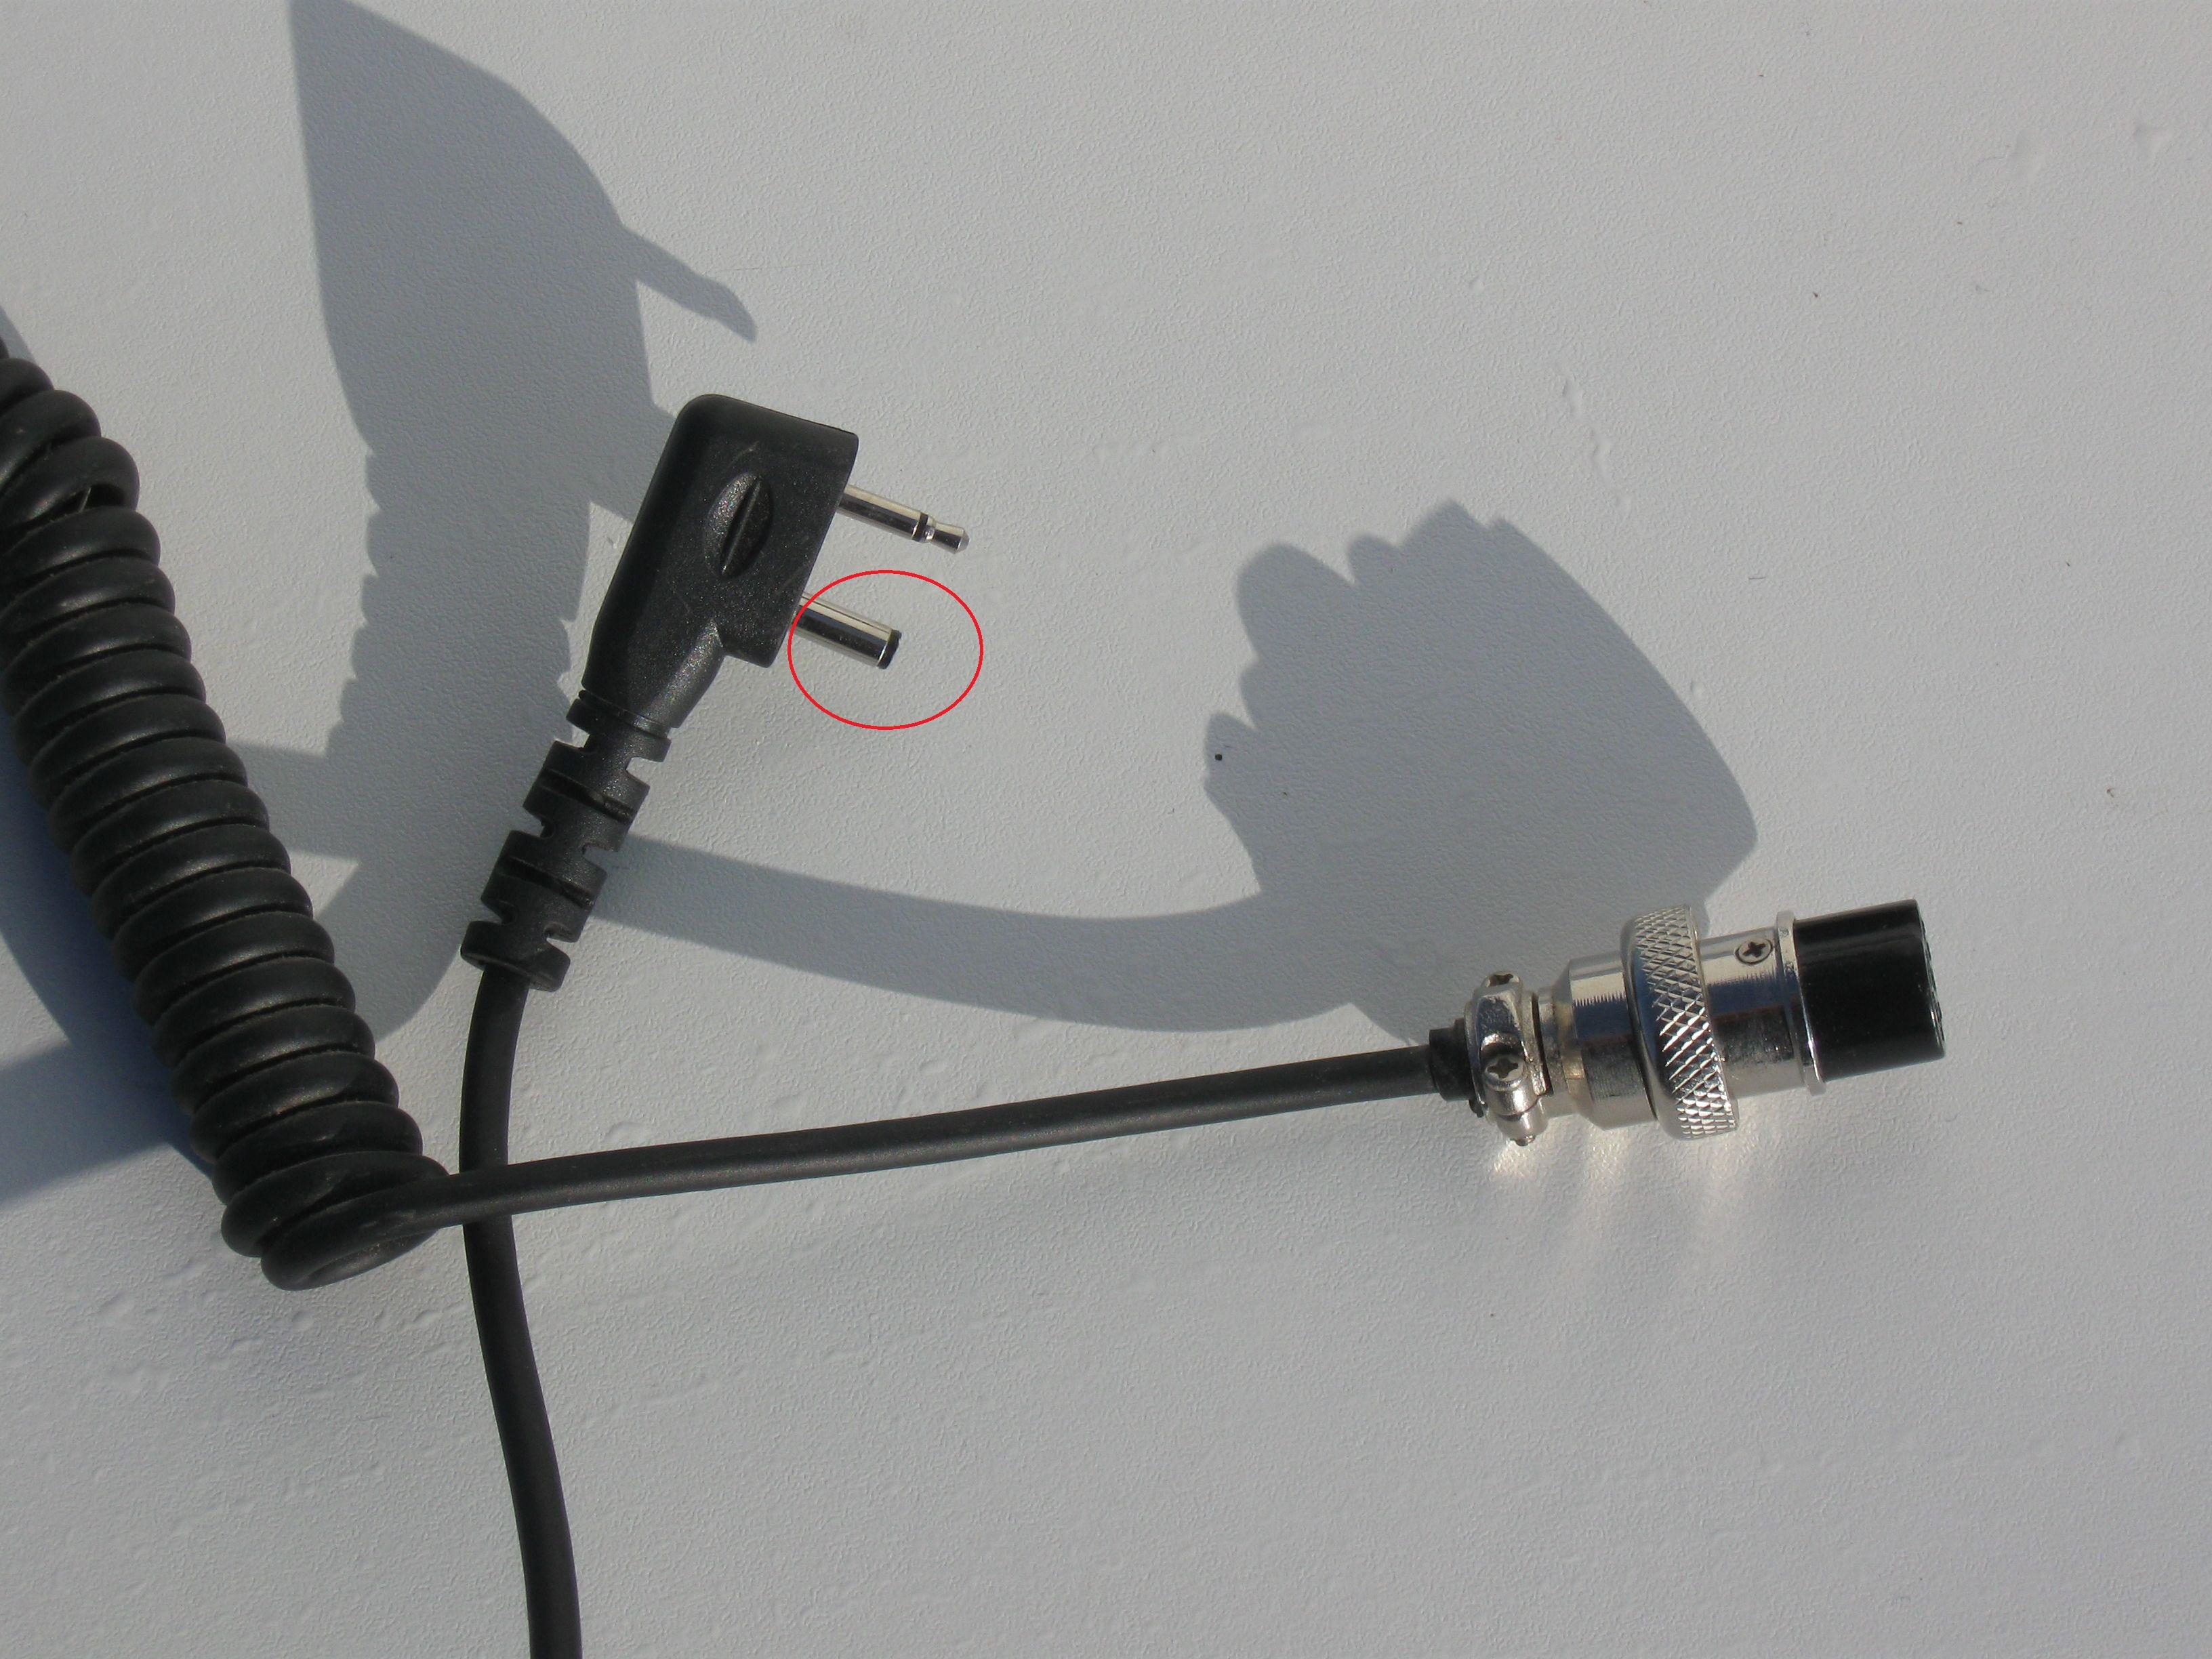 Der 3.5mm Klinkenstecker beim Gateway Flaach sieht irgendwie kurz aus